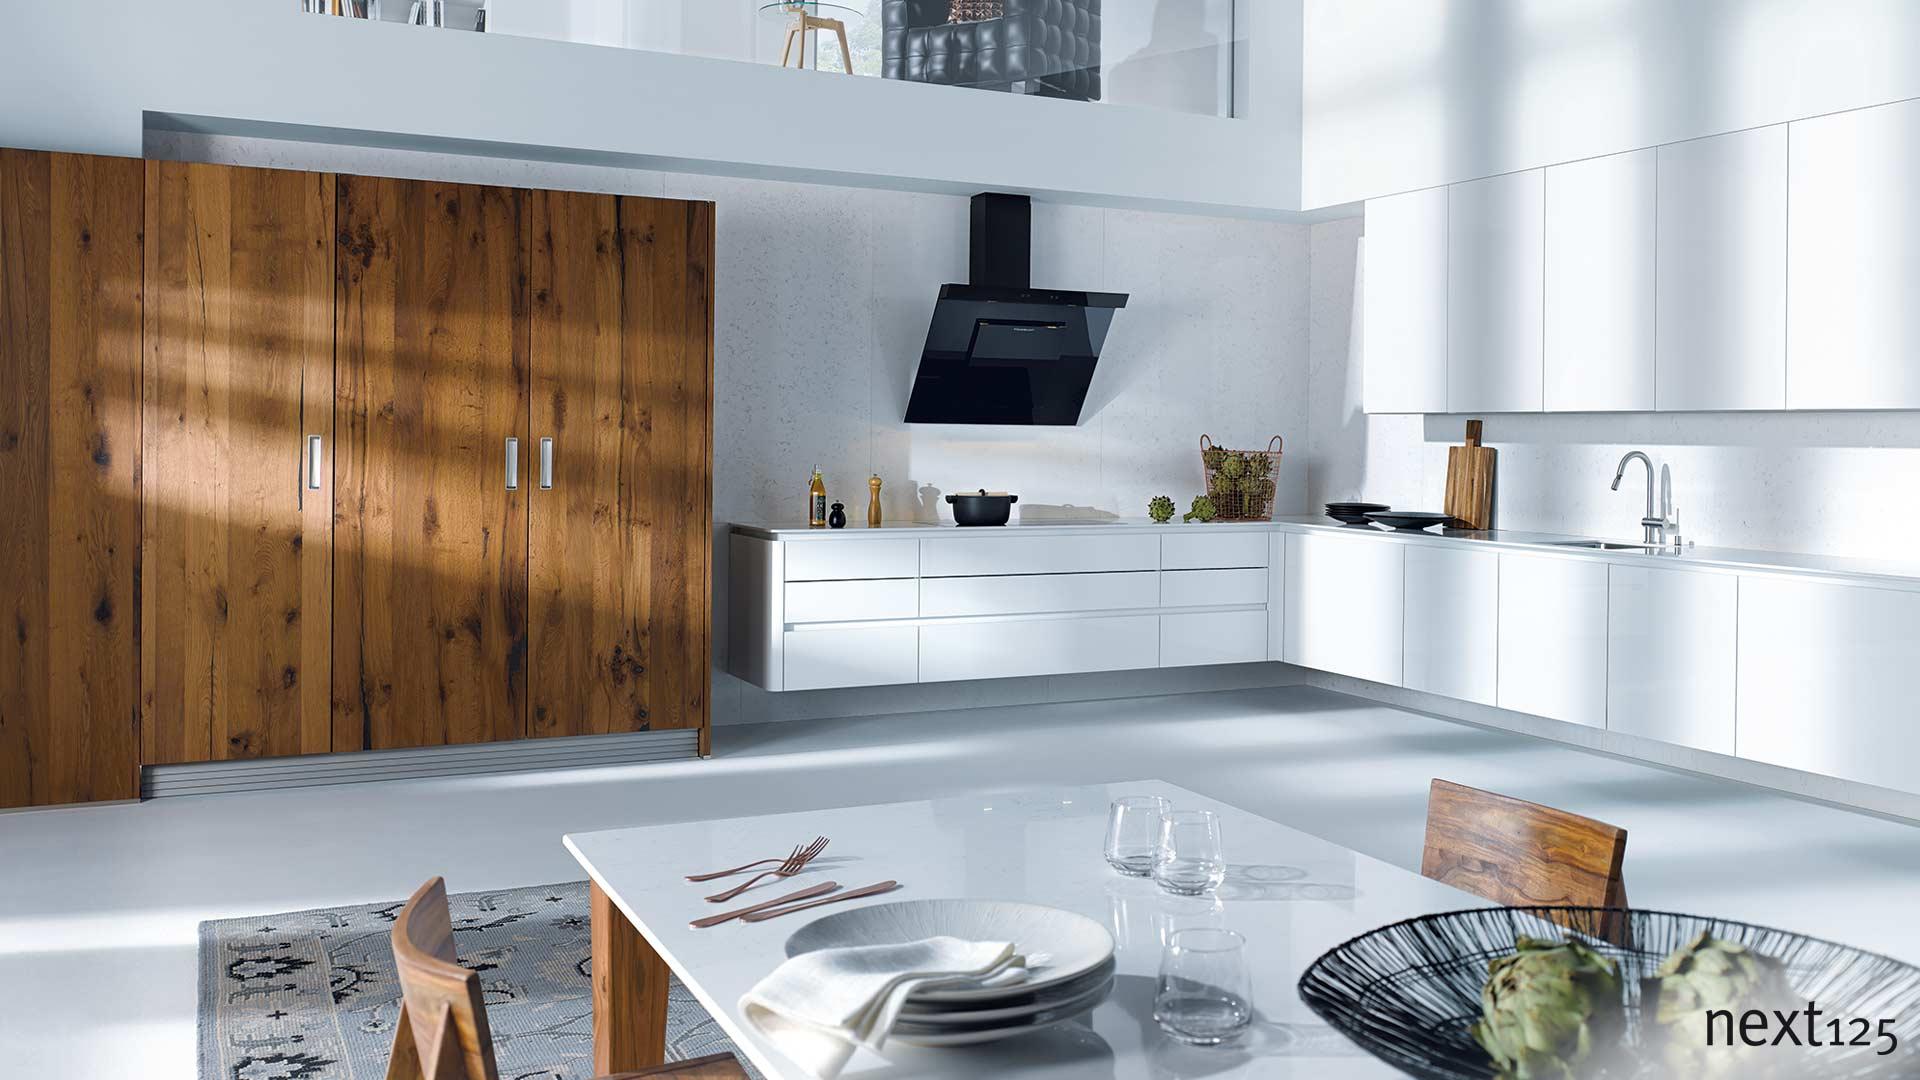 next125 küchen in neumünster möbel schulz bad segeberg kiel